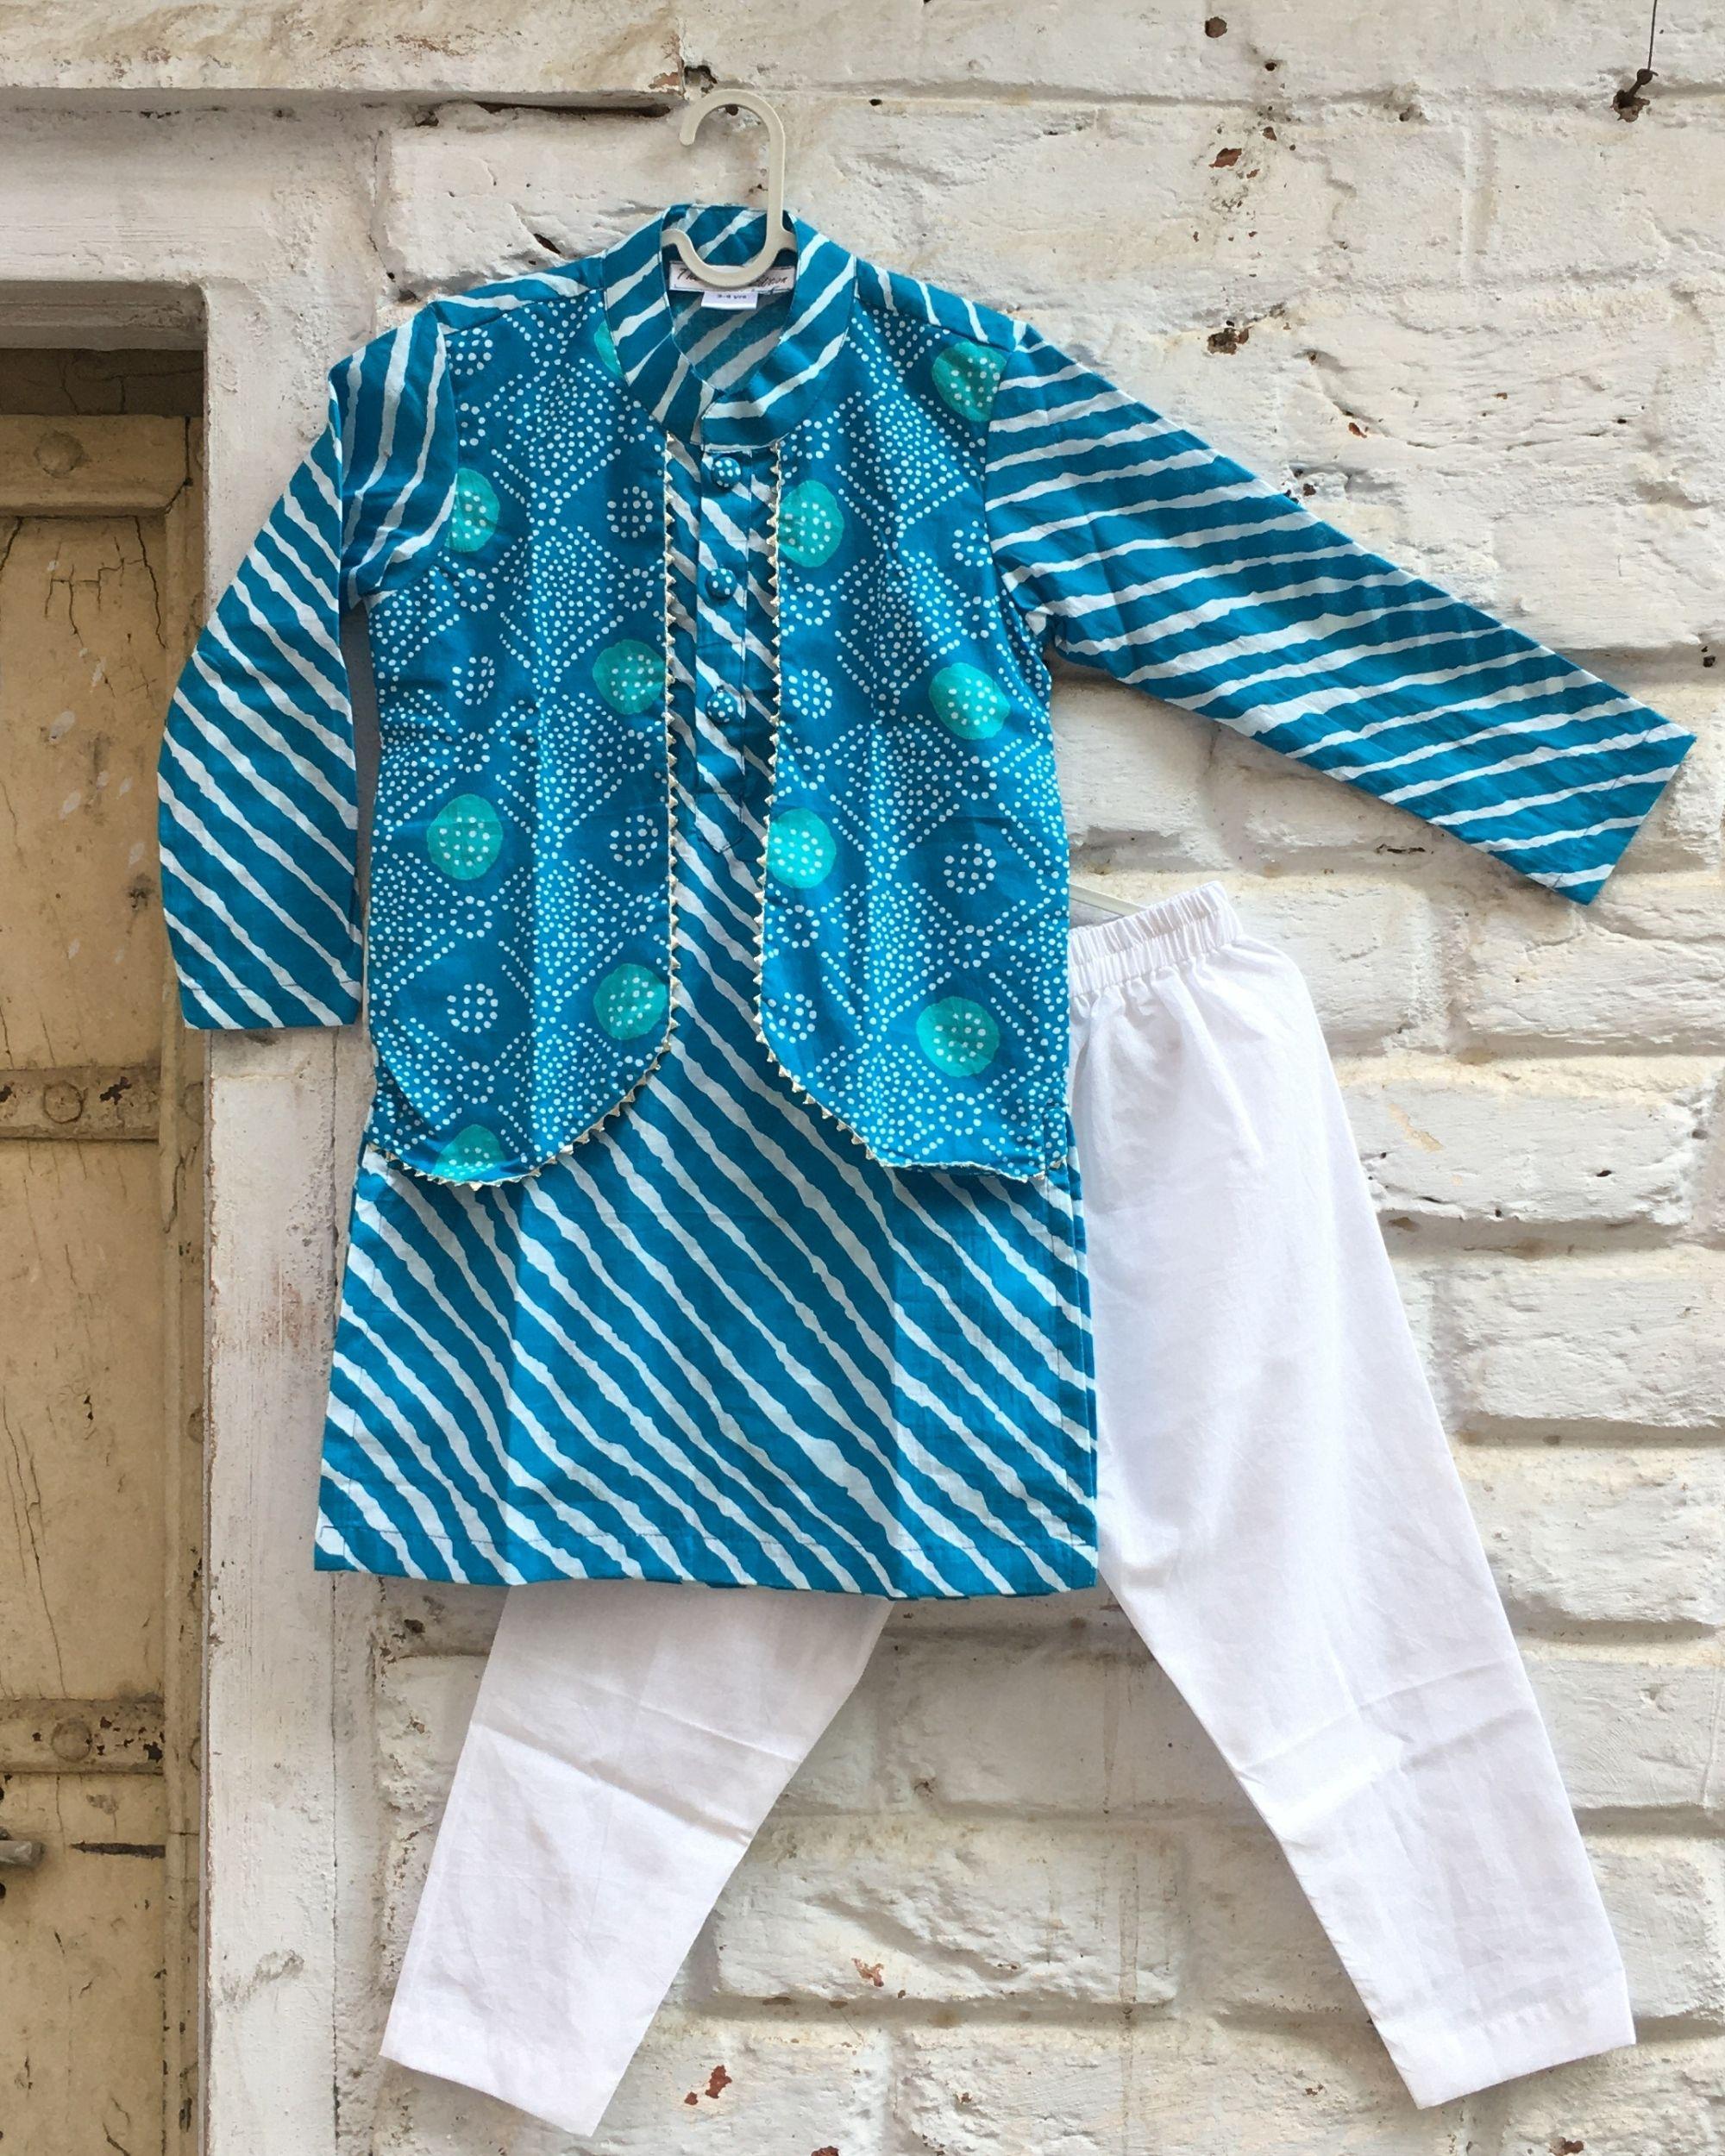 Blue leheriya kurta with attached bandhej jacket and white pyjama - set of two